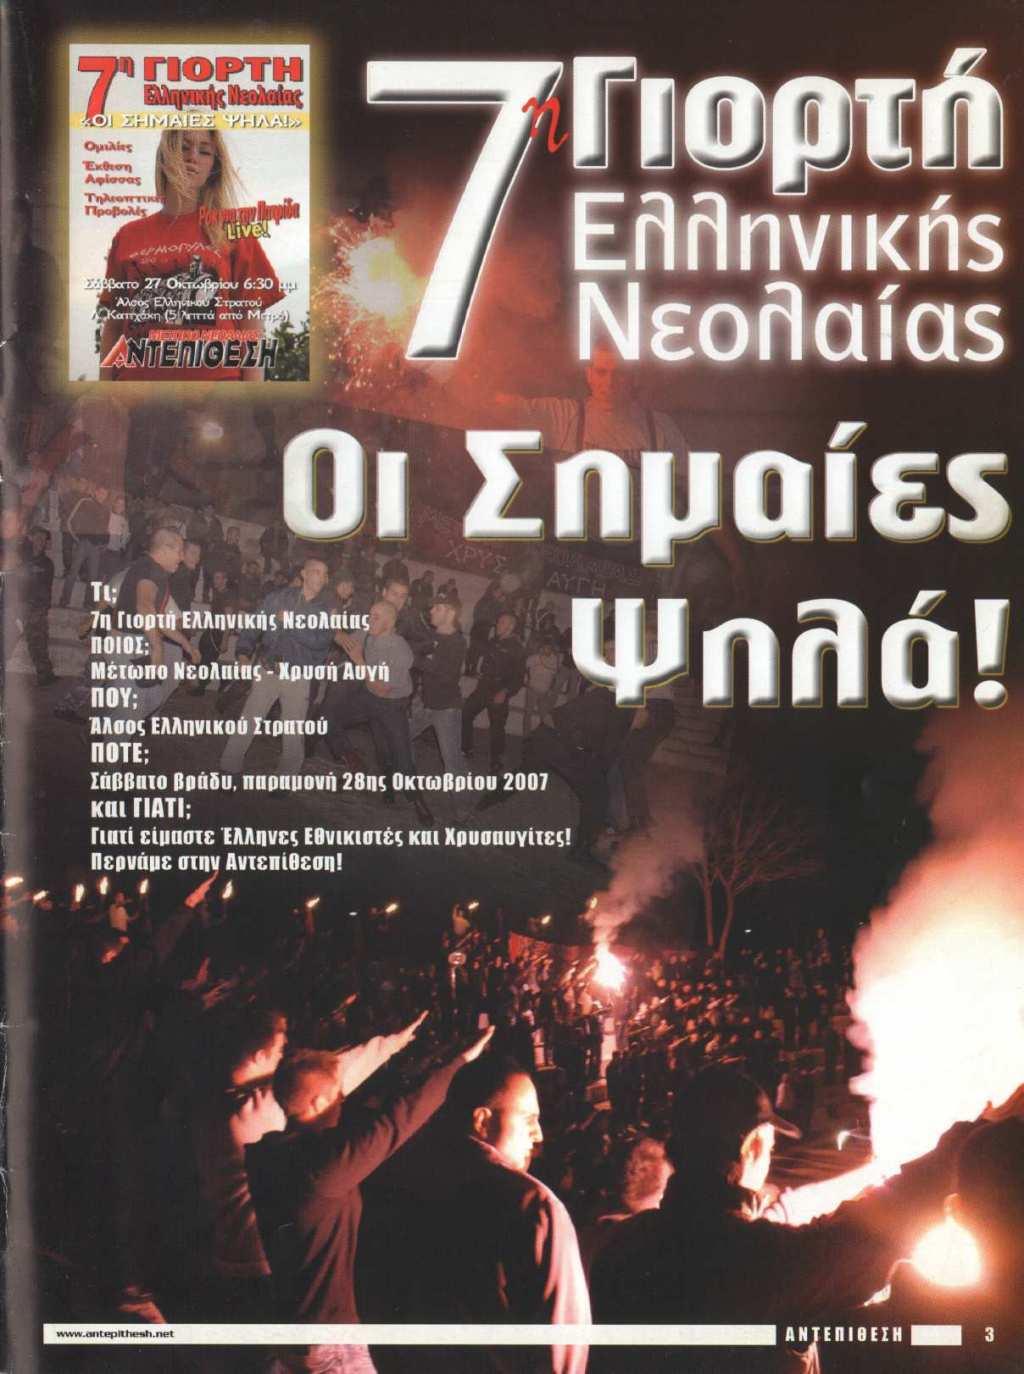 Αφίσα και Πρόγραμμα 7η Γιορτή Νεολαίας Χρυσή Αυγή 'Ψηλά τις σημαίες'